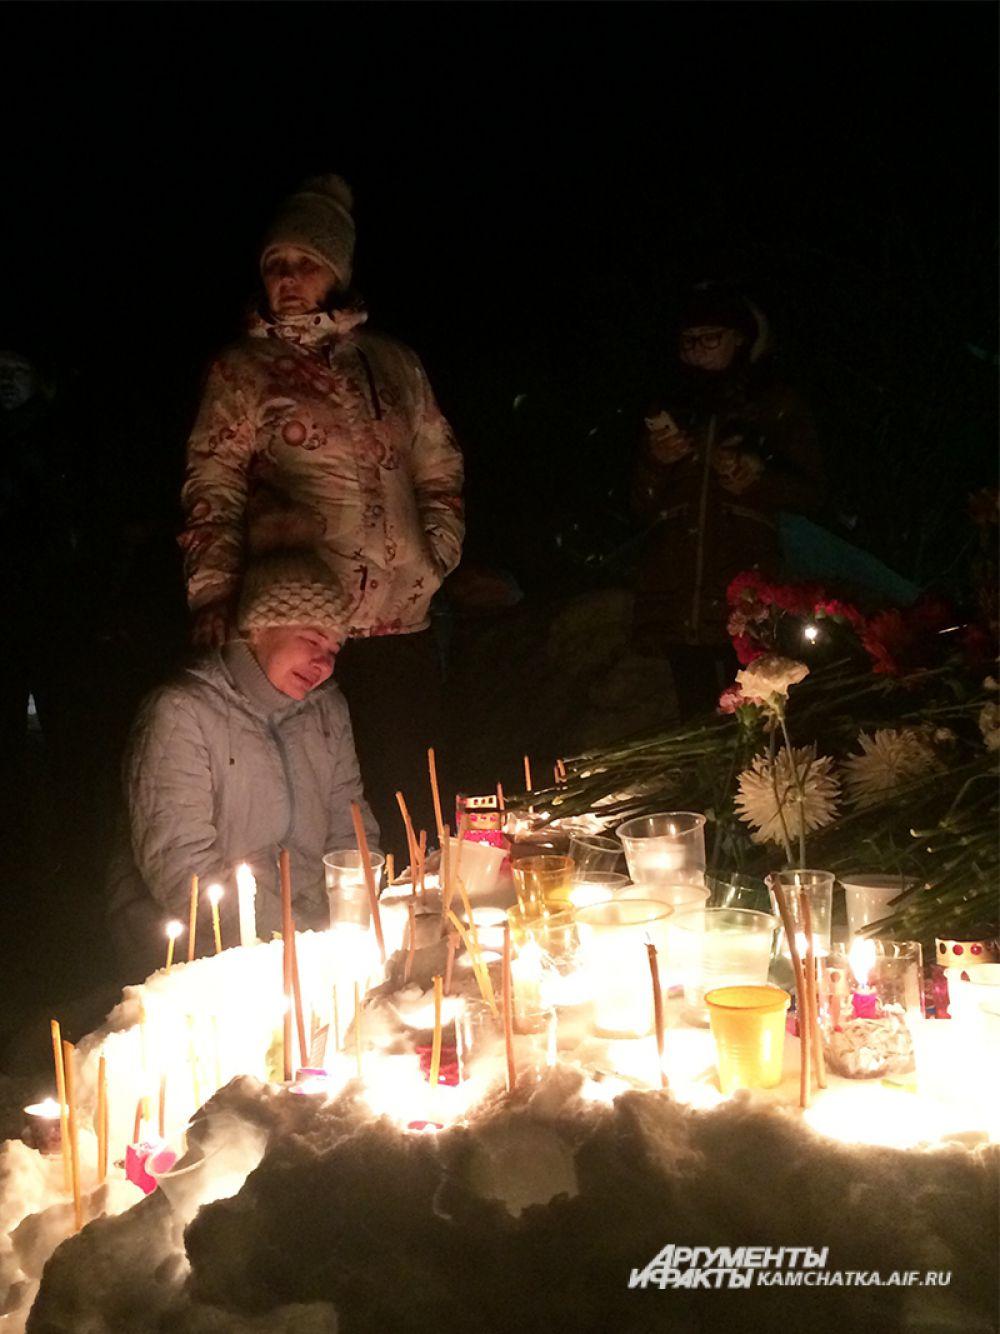 Гибель второклассников вызвала на Камчатке широчайший общественный резонанс.